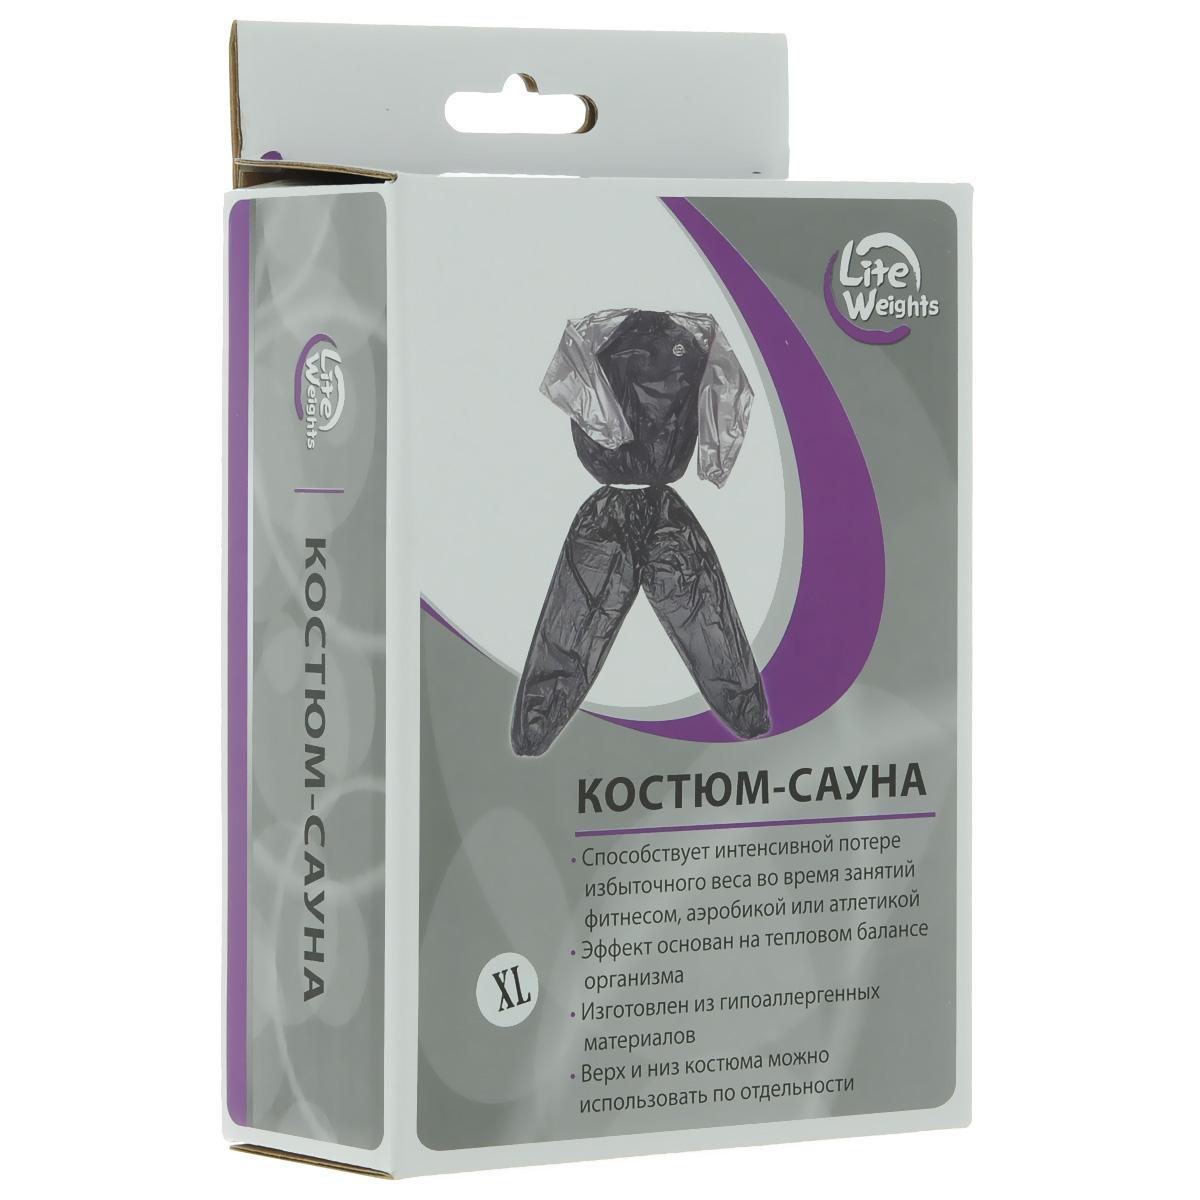 Костюм-сауна Lite Weights, цвет: черный, серый. Размер XL5601SA (XL)Костюм-сауна Lite Weights способствует интенсивной потере избыточного веса во время занятий фитнесом, аэробикой или атлетикой. Эффект основан на тепловом балансе организма. Костюм выполнен из гипоаллергенных материалов. При использовании этого костюма у вас пропадает лишний вес, калории сжигаются в несколько раз быстрее, чем во время обычных физических нагрузок, а вы выглядите с каждым днем все более привлекательно. Преимущества костюма-сауны 5601SA: Способствует интенсивной потере избыточного веса во время занятий фитнесом, аэробикой или атлетикой Эффект основан на тепловом балансе организма Изготовлен из гипоаллергенных материалов Верхняя и нижняя части костюма могут применяться как вместе, так и по отдельности Подходит как для мужчин, так и для женщин. Толщина материала: 0,1 мм. Длина куртки: 71 см. Ширина куртки: 68 см. Длина рукавов куртки: 68 см. Диаметр рукавов куртки: 17,5 см. Диаметр воротниковой зоны...